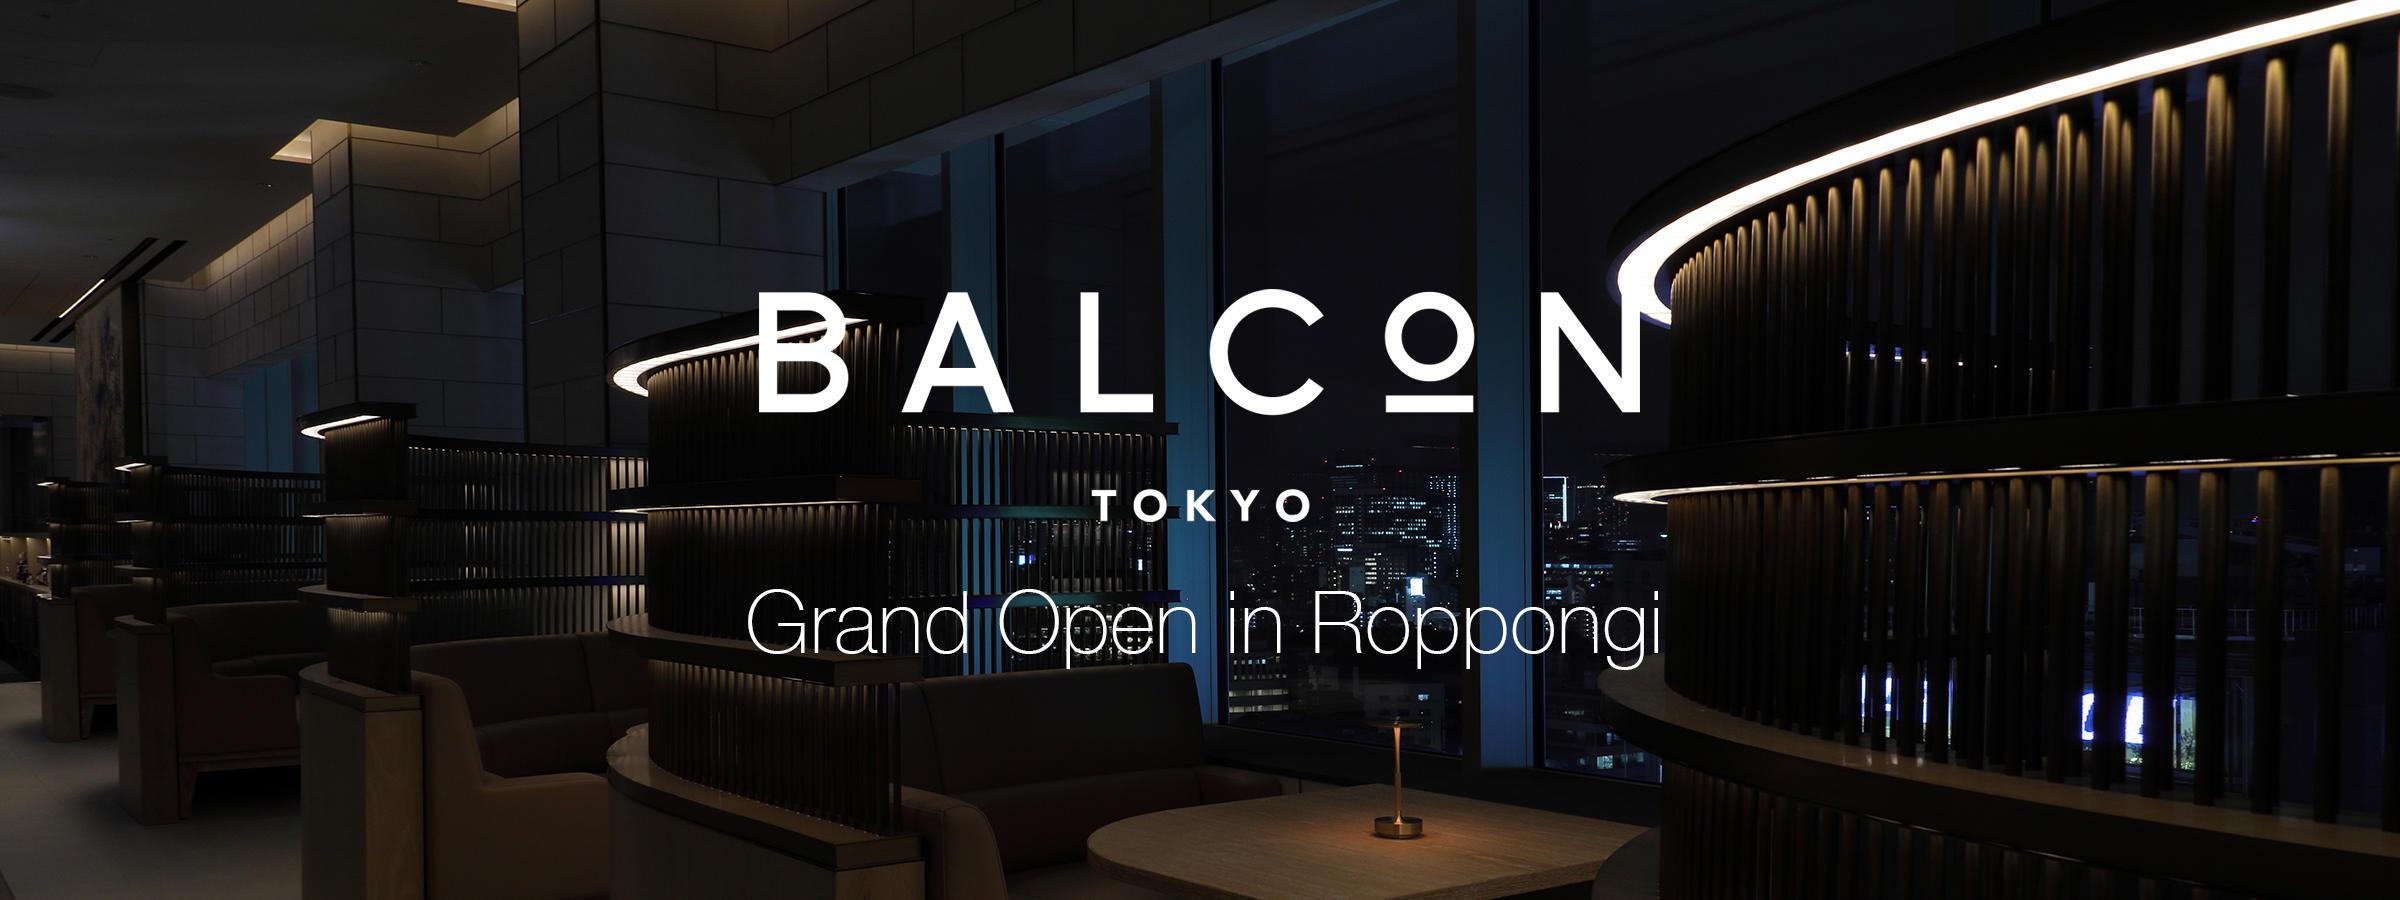 BALCÓN TOKYO 02